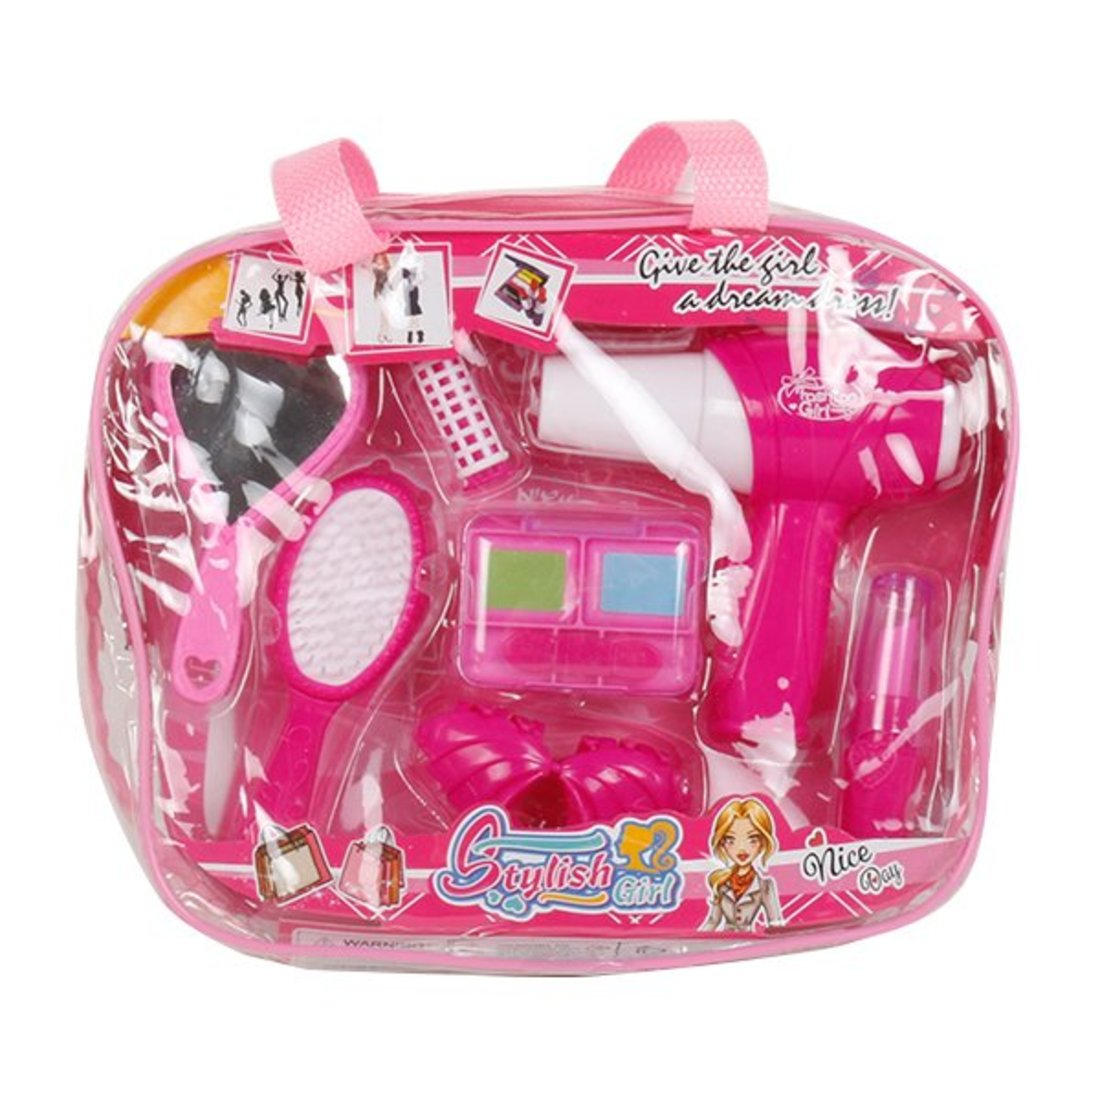 Купить Набор парикмахера игрушечный Наша Игрушка 7 предметов, сумка 200644892, Наша игрушка,